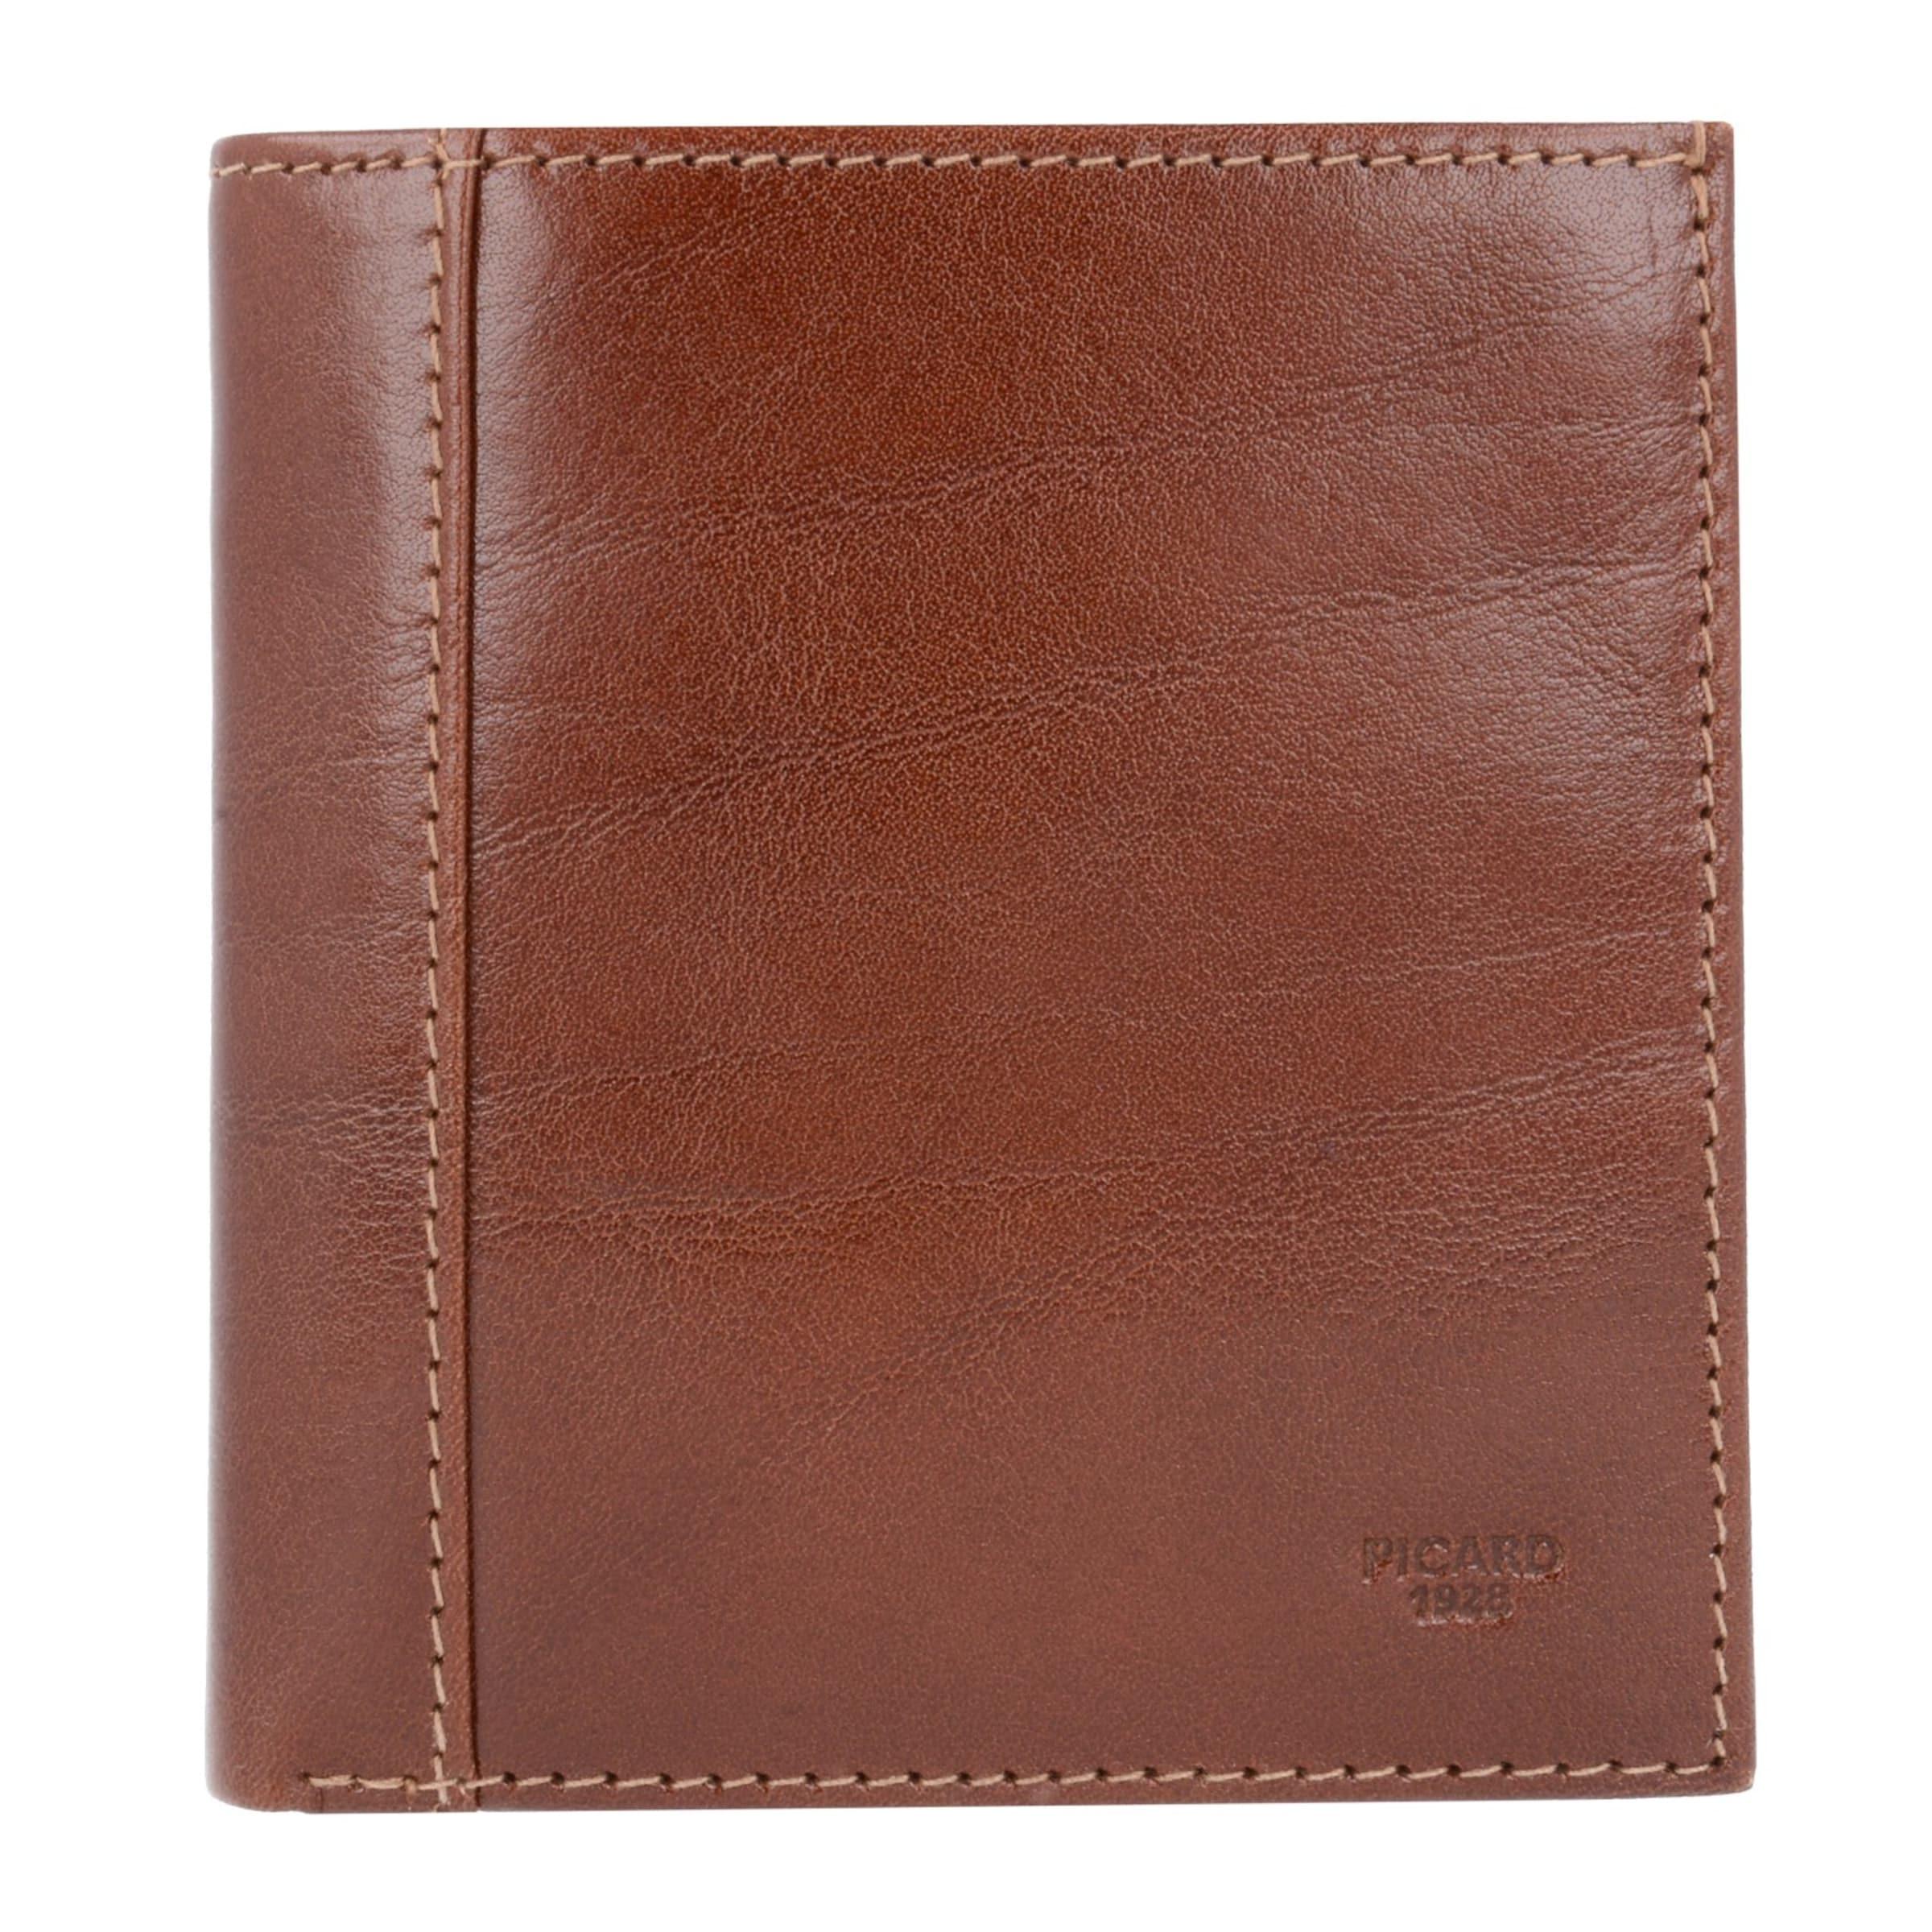 Picard 'Bern' Geldbörse Leder 9 cm Bequem Online Spielraum Fälschung Online-Shopping Mit Mastercard Billig Verkauf Mit Kreditkarte wrqt8bk5